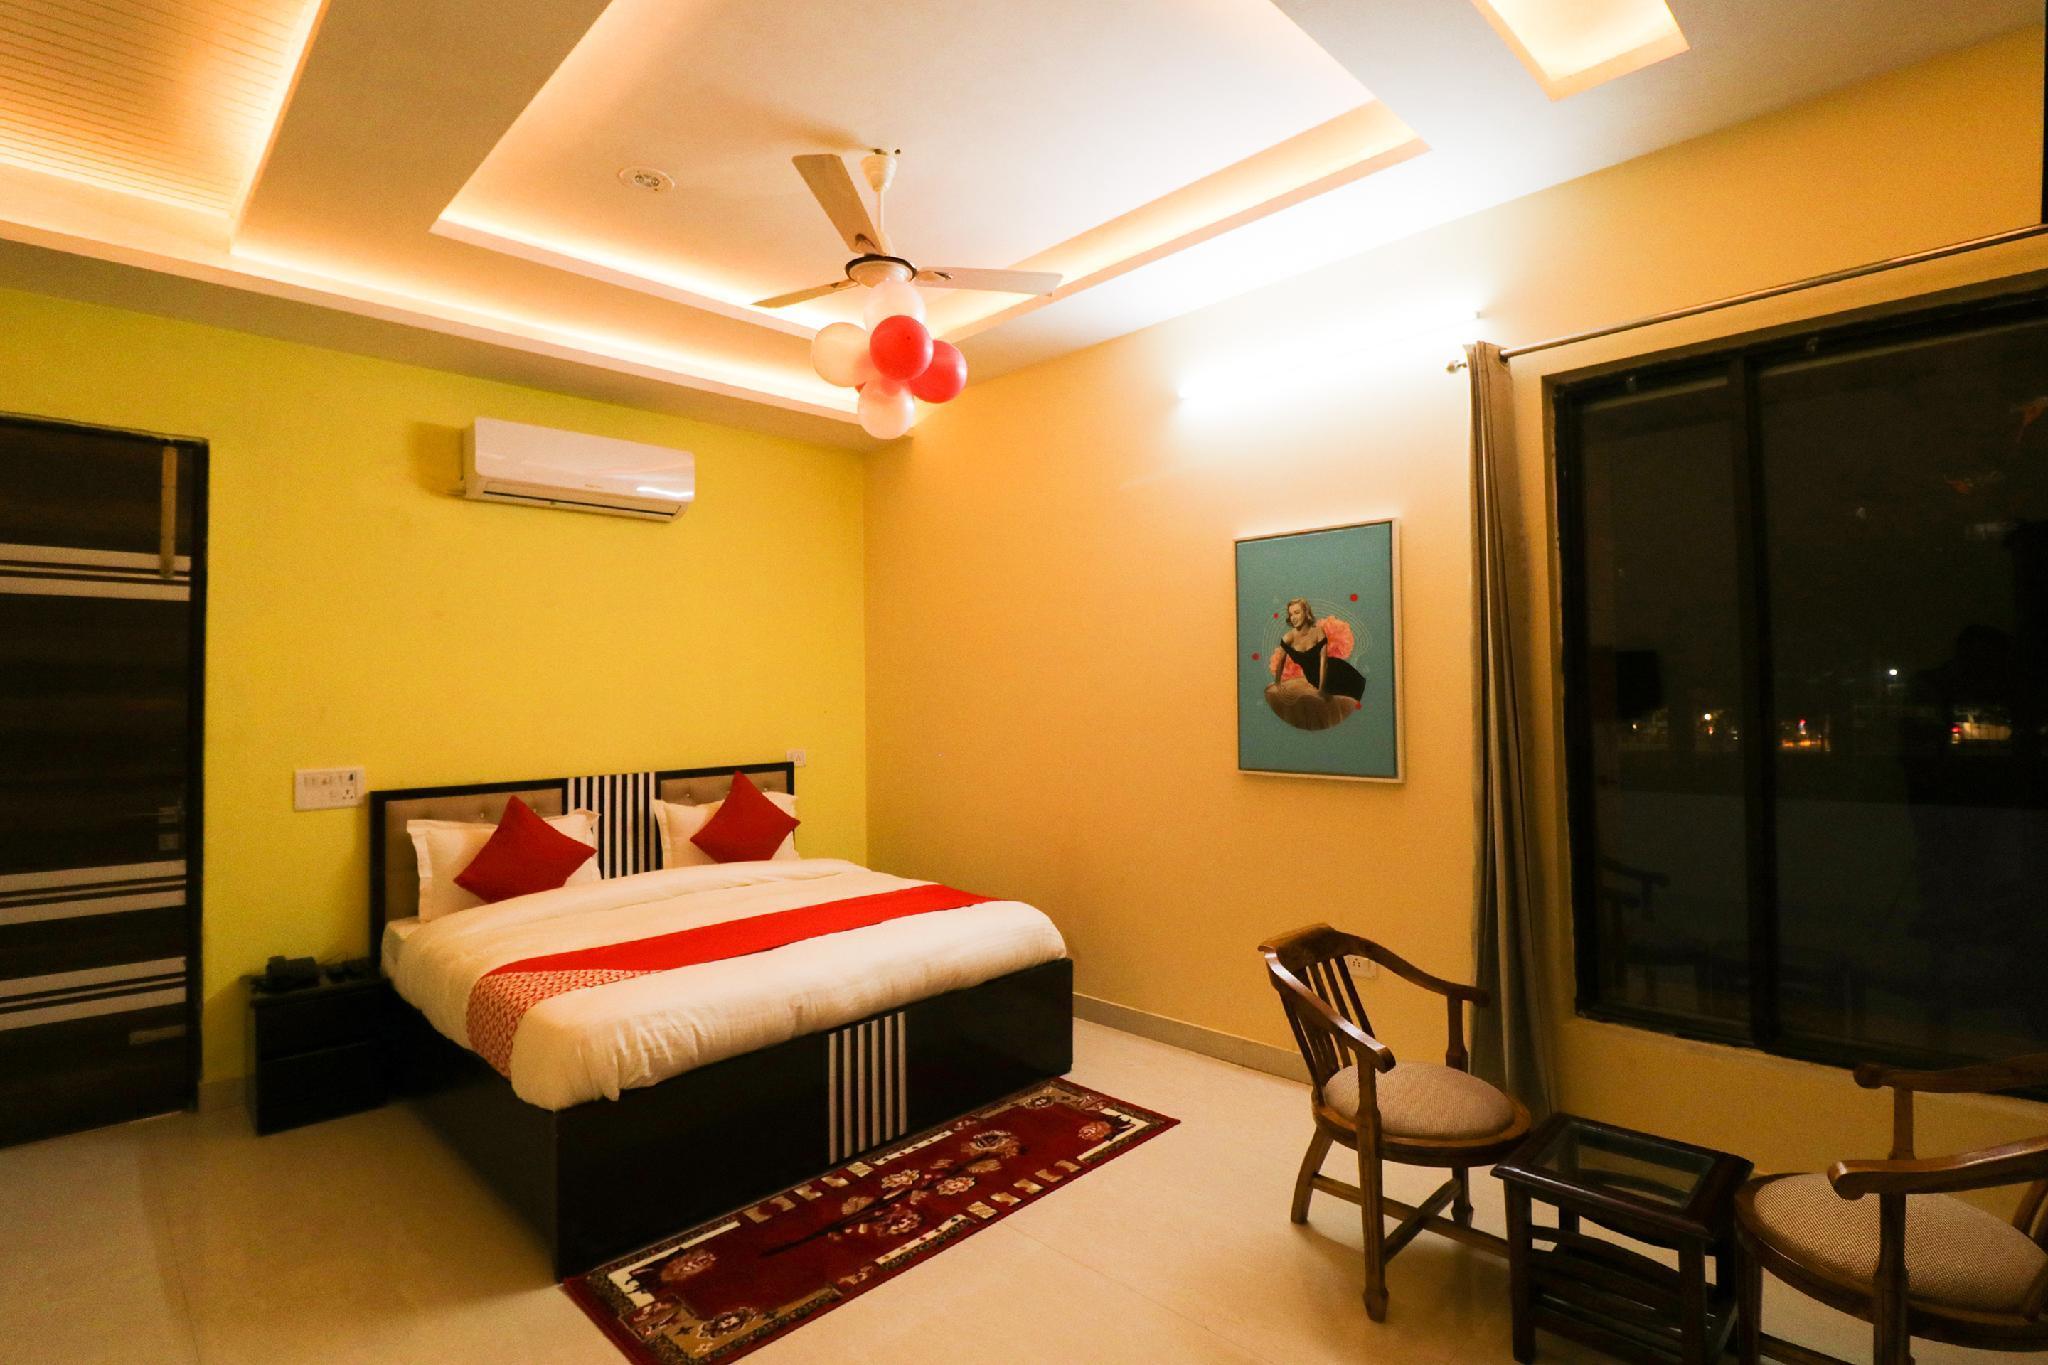 Capital O 62822 Yuvraj Residency